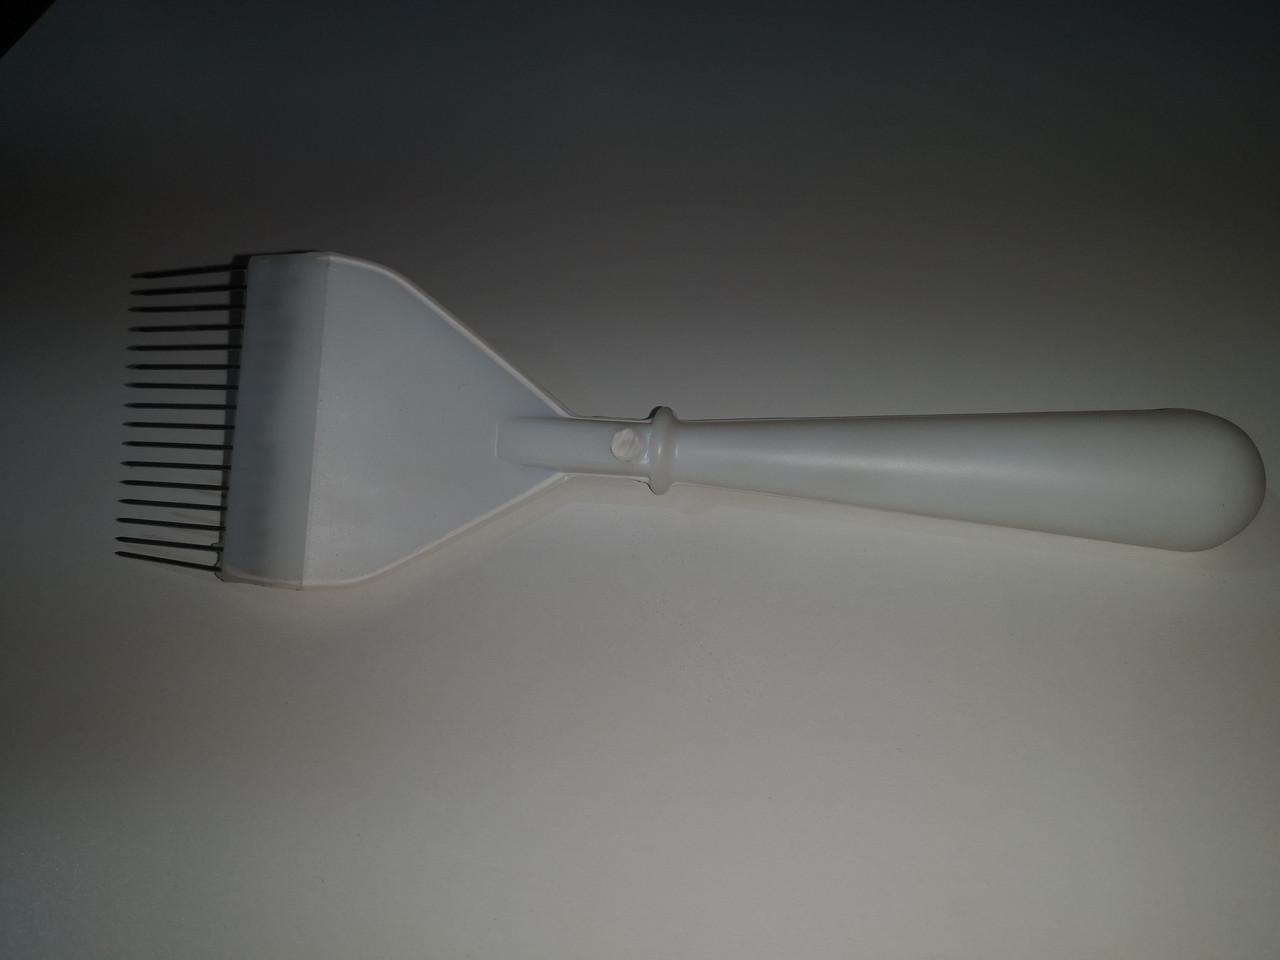 Вилка пластмассовая с прямой иглой удлиненная